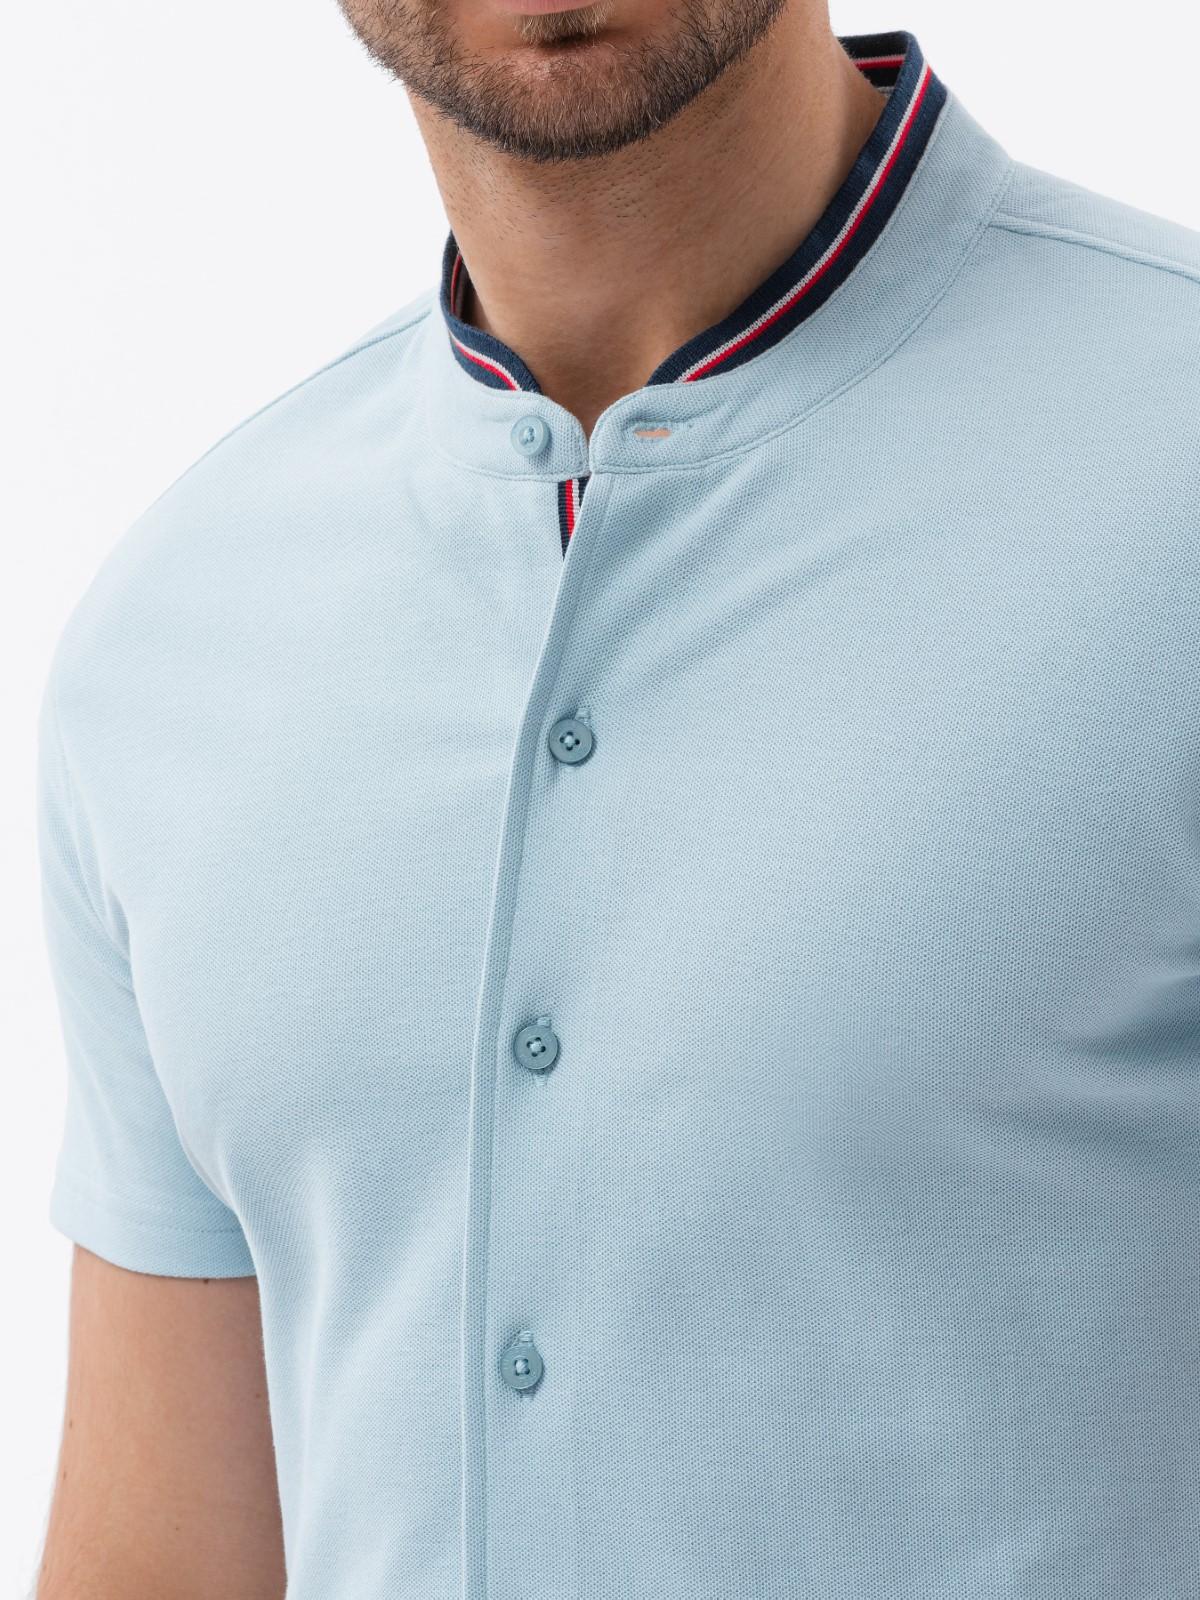 Koszula męska zkrótkim rękawem K543 - niebieska